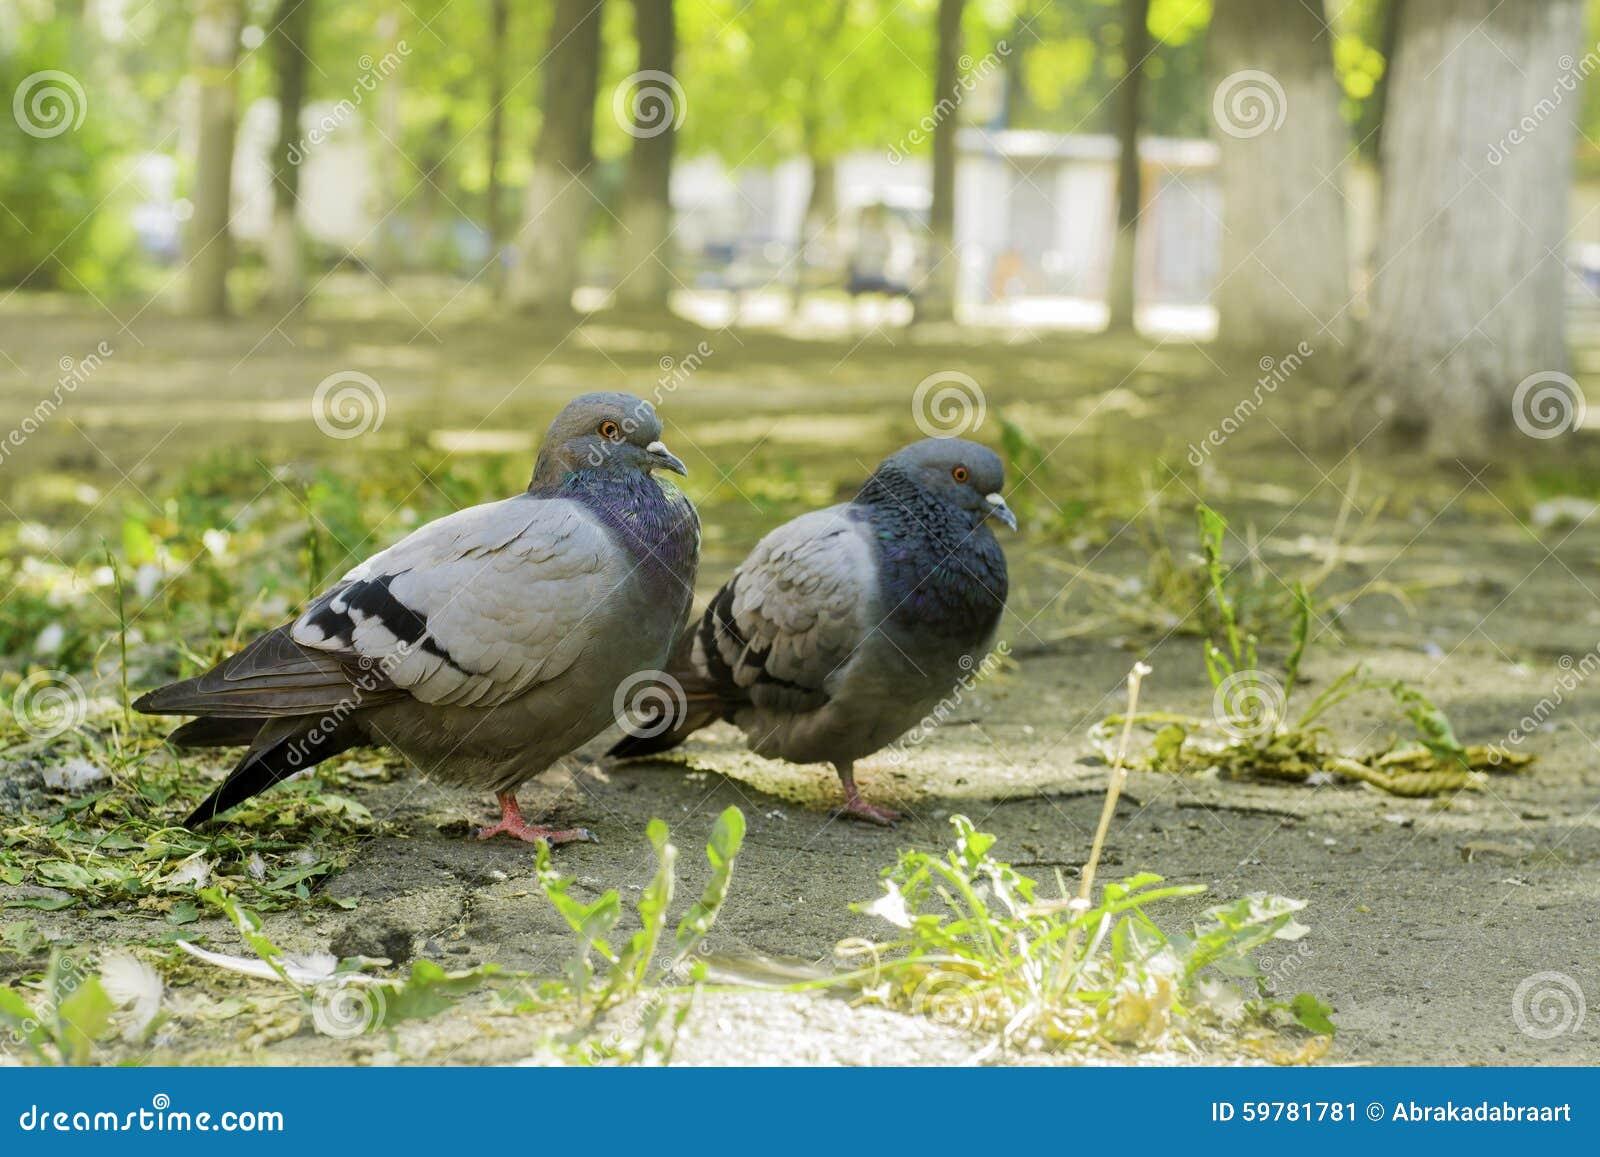 Pares de palomas que se colocan en la tierra, dos palomas